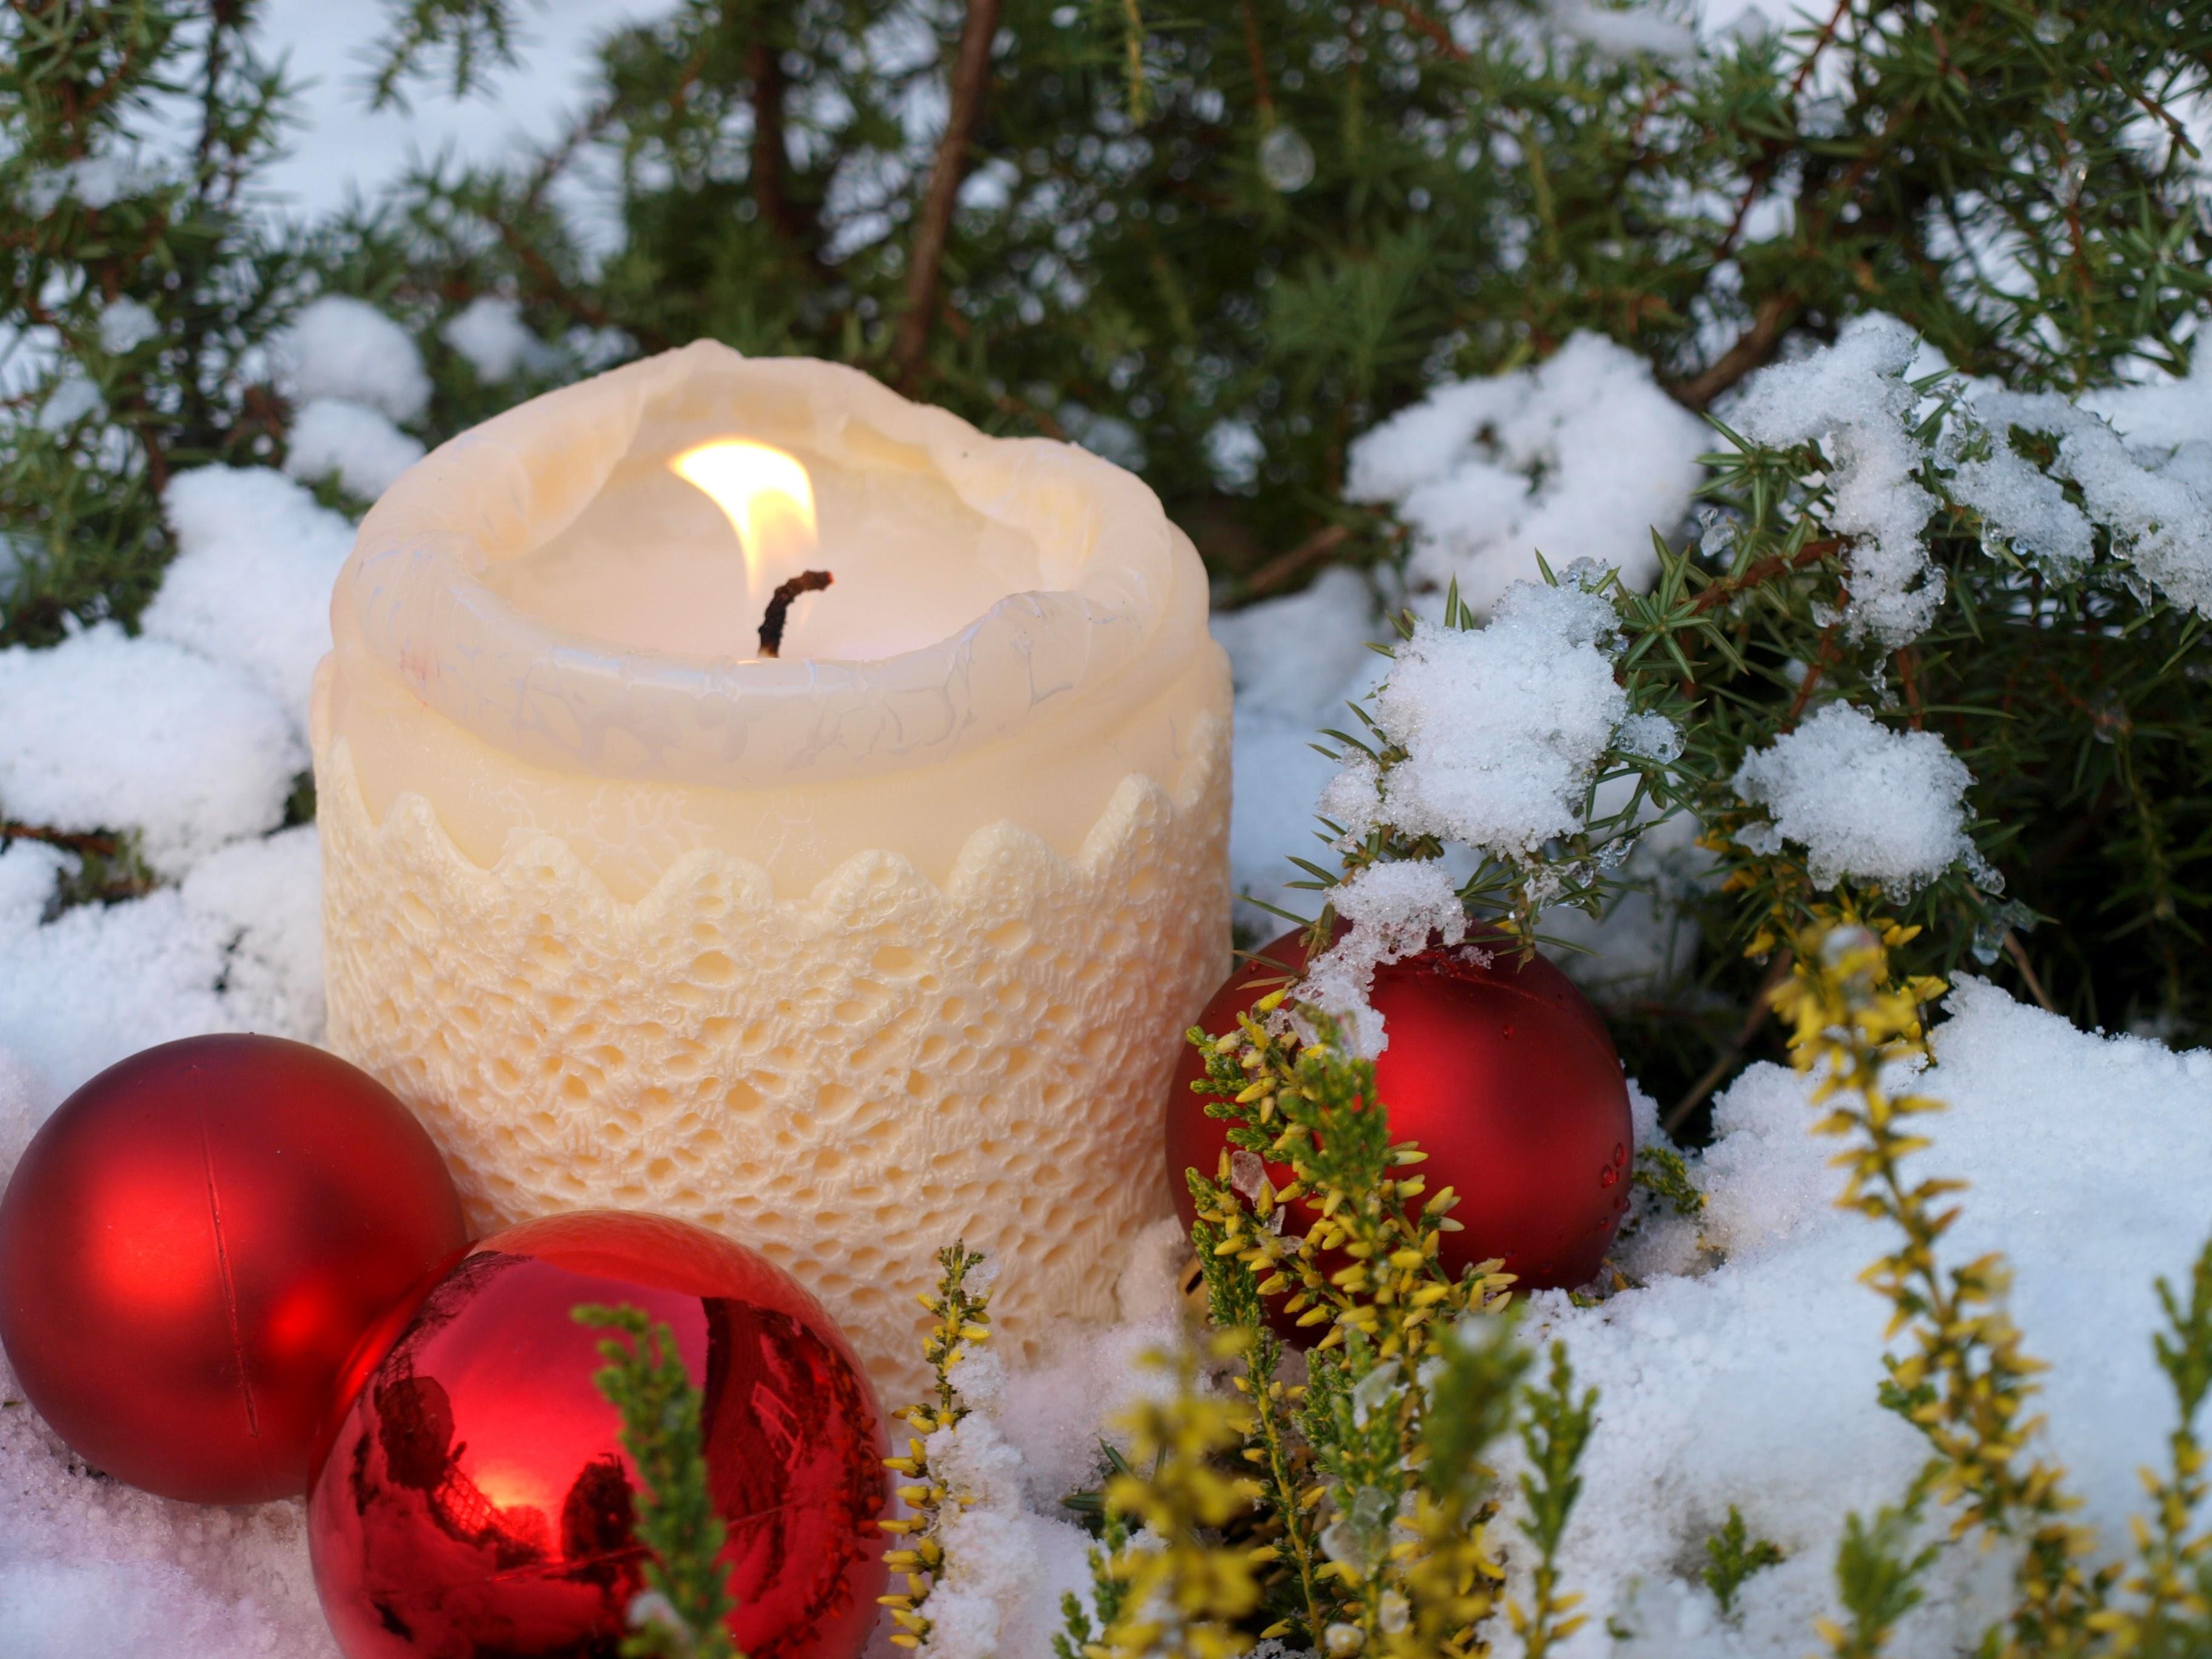 Jõuluseade küünal lumes